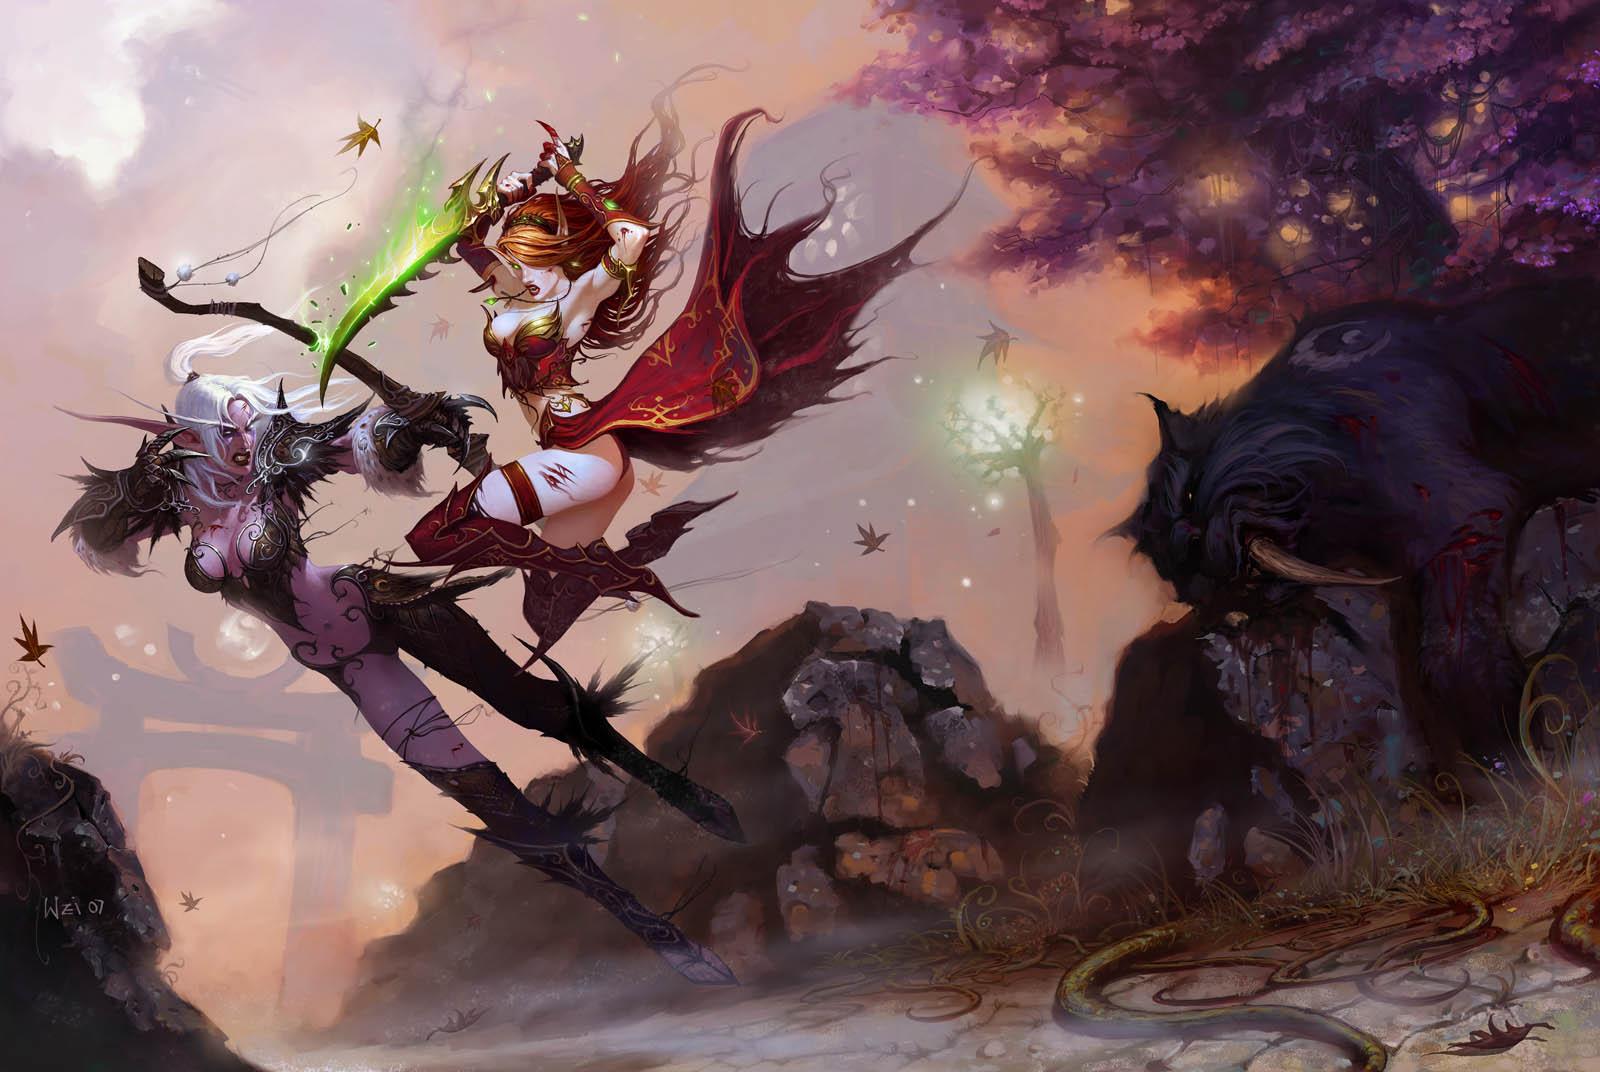 Night elves vs blood elves hentia tube